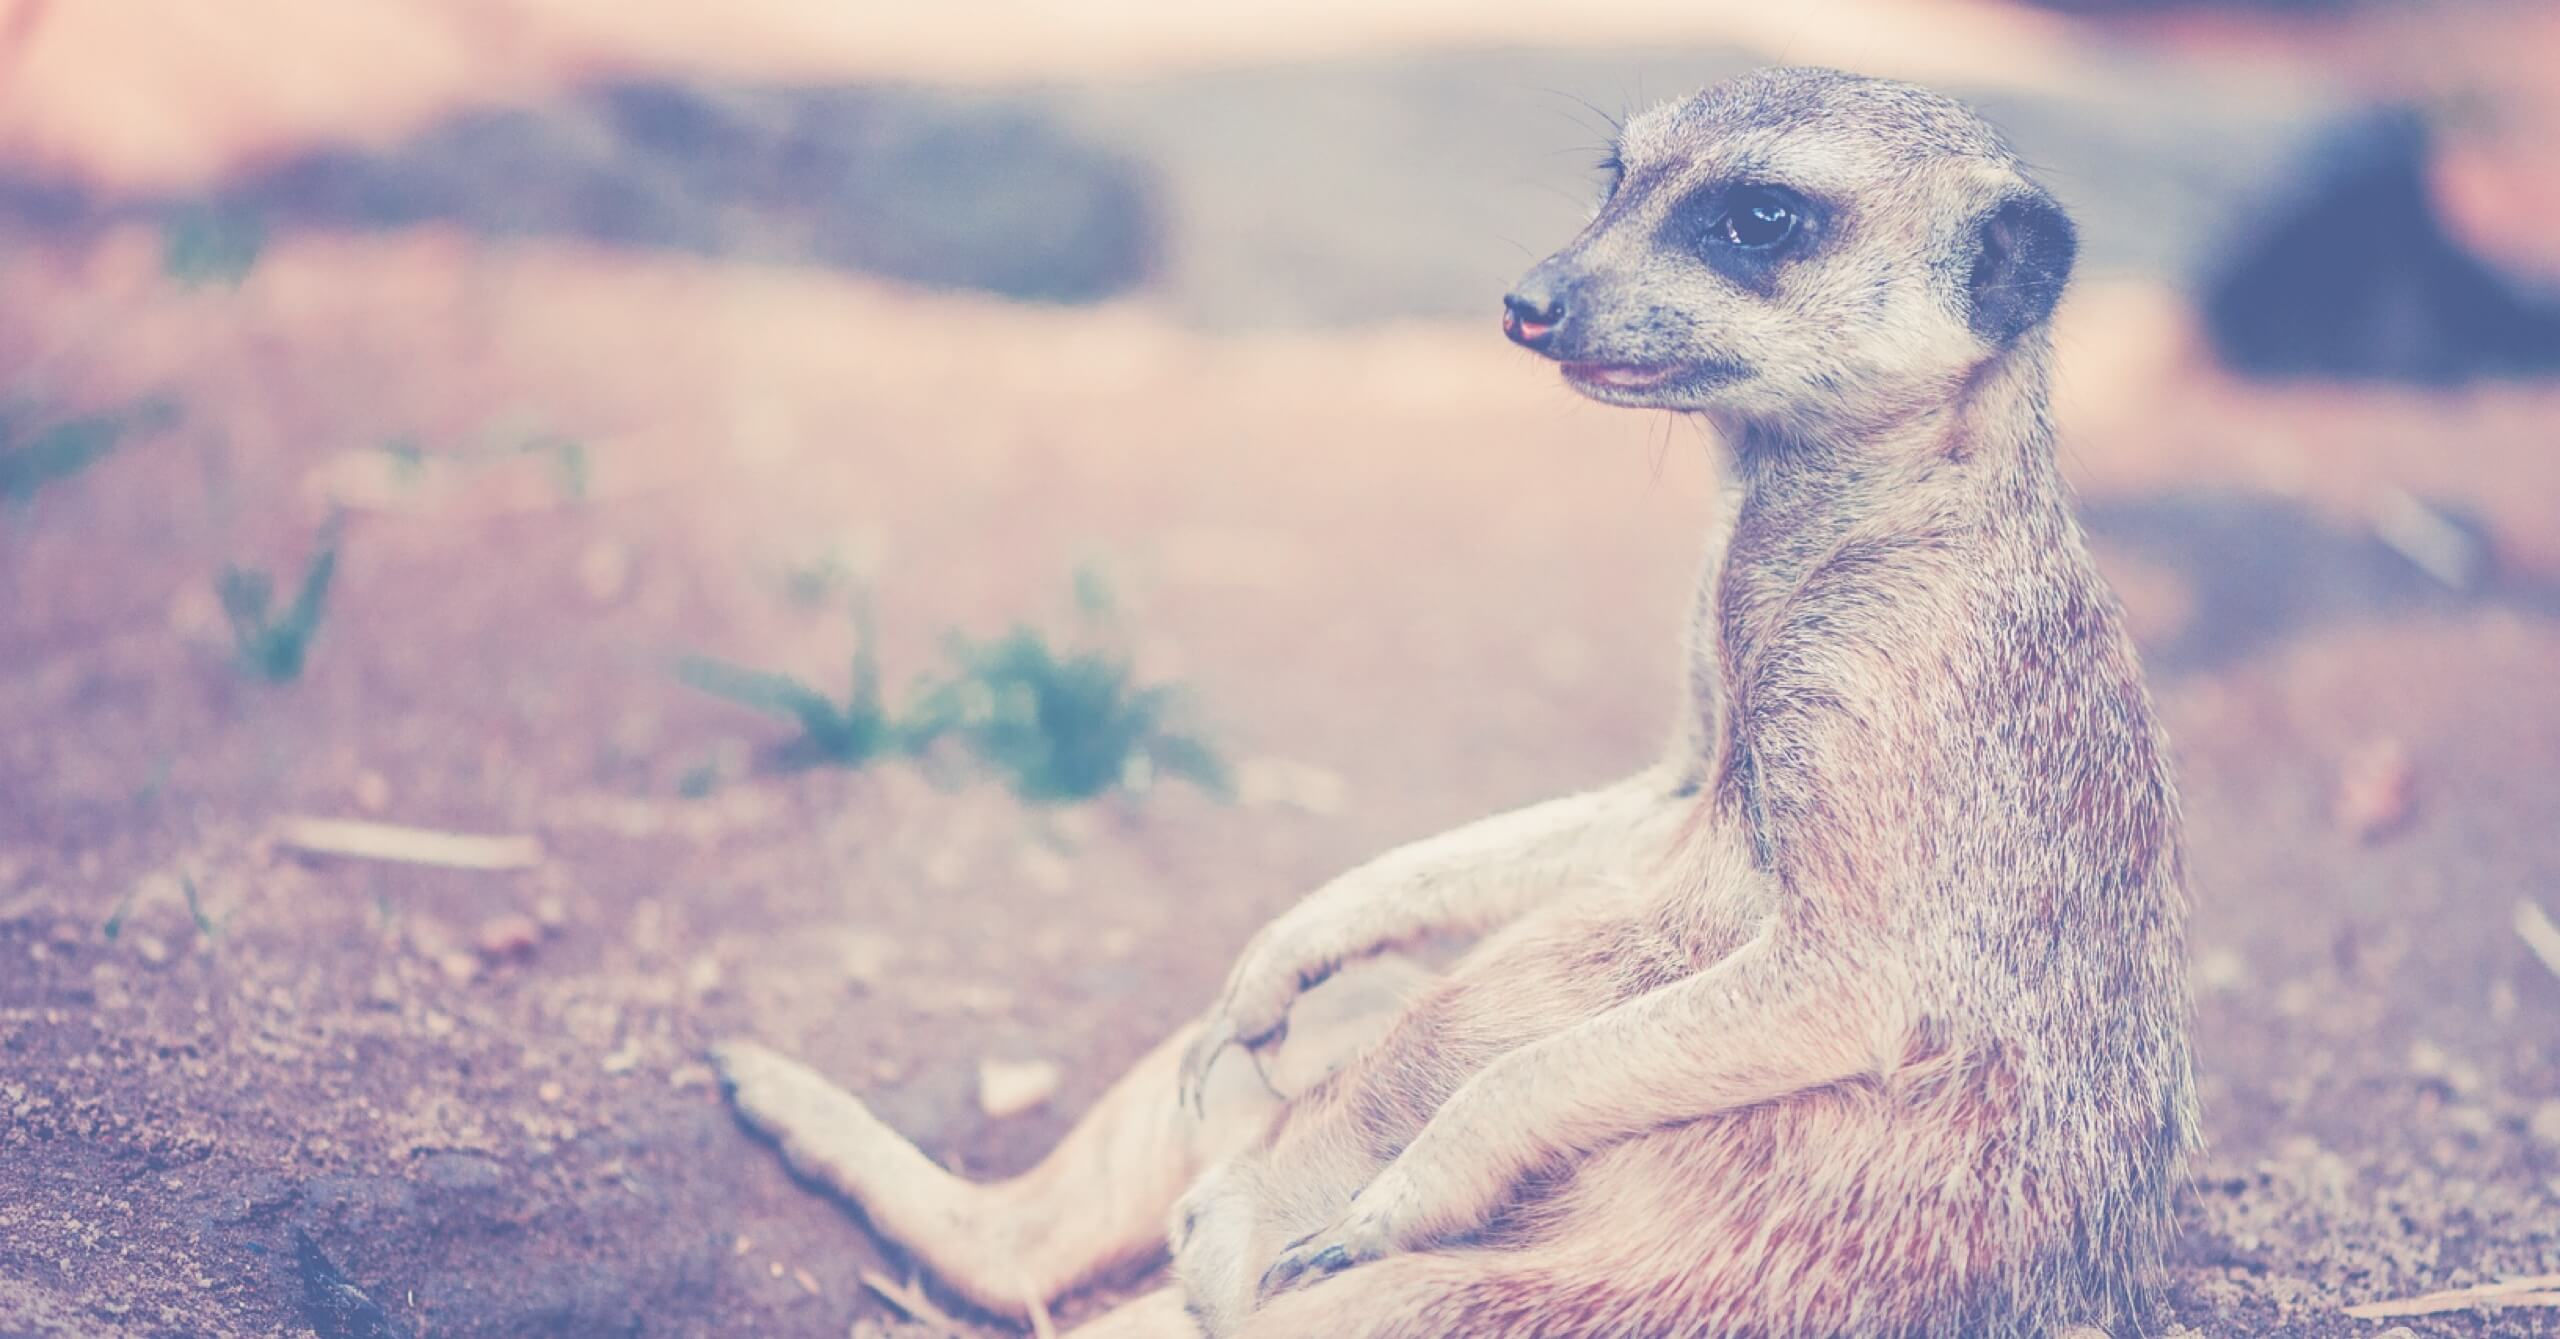 Stress besser wegstecken: So sorgst du in anstrengenden Phasen für Entspannung